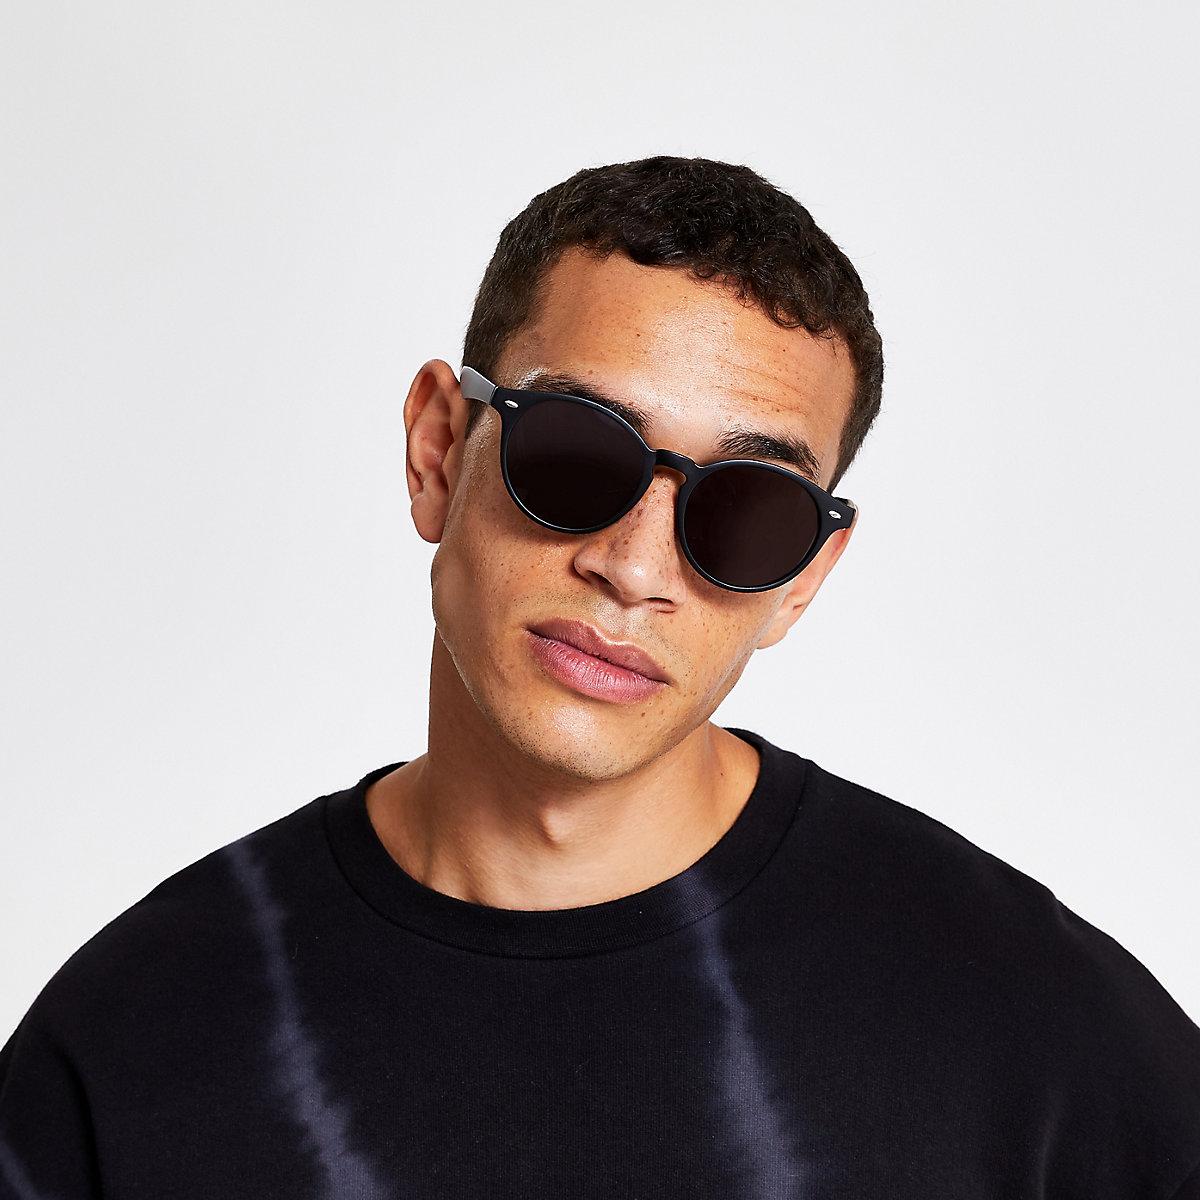 Black matte preppy round sunglasses